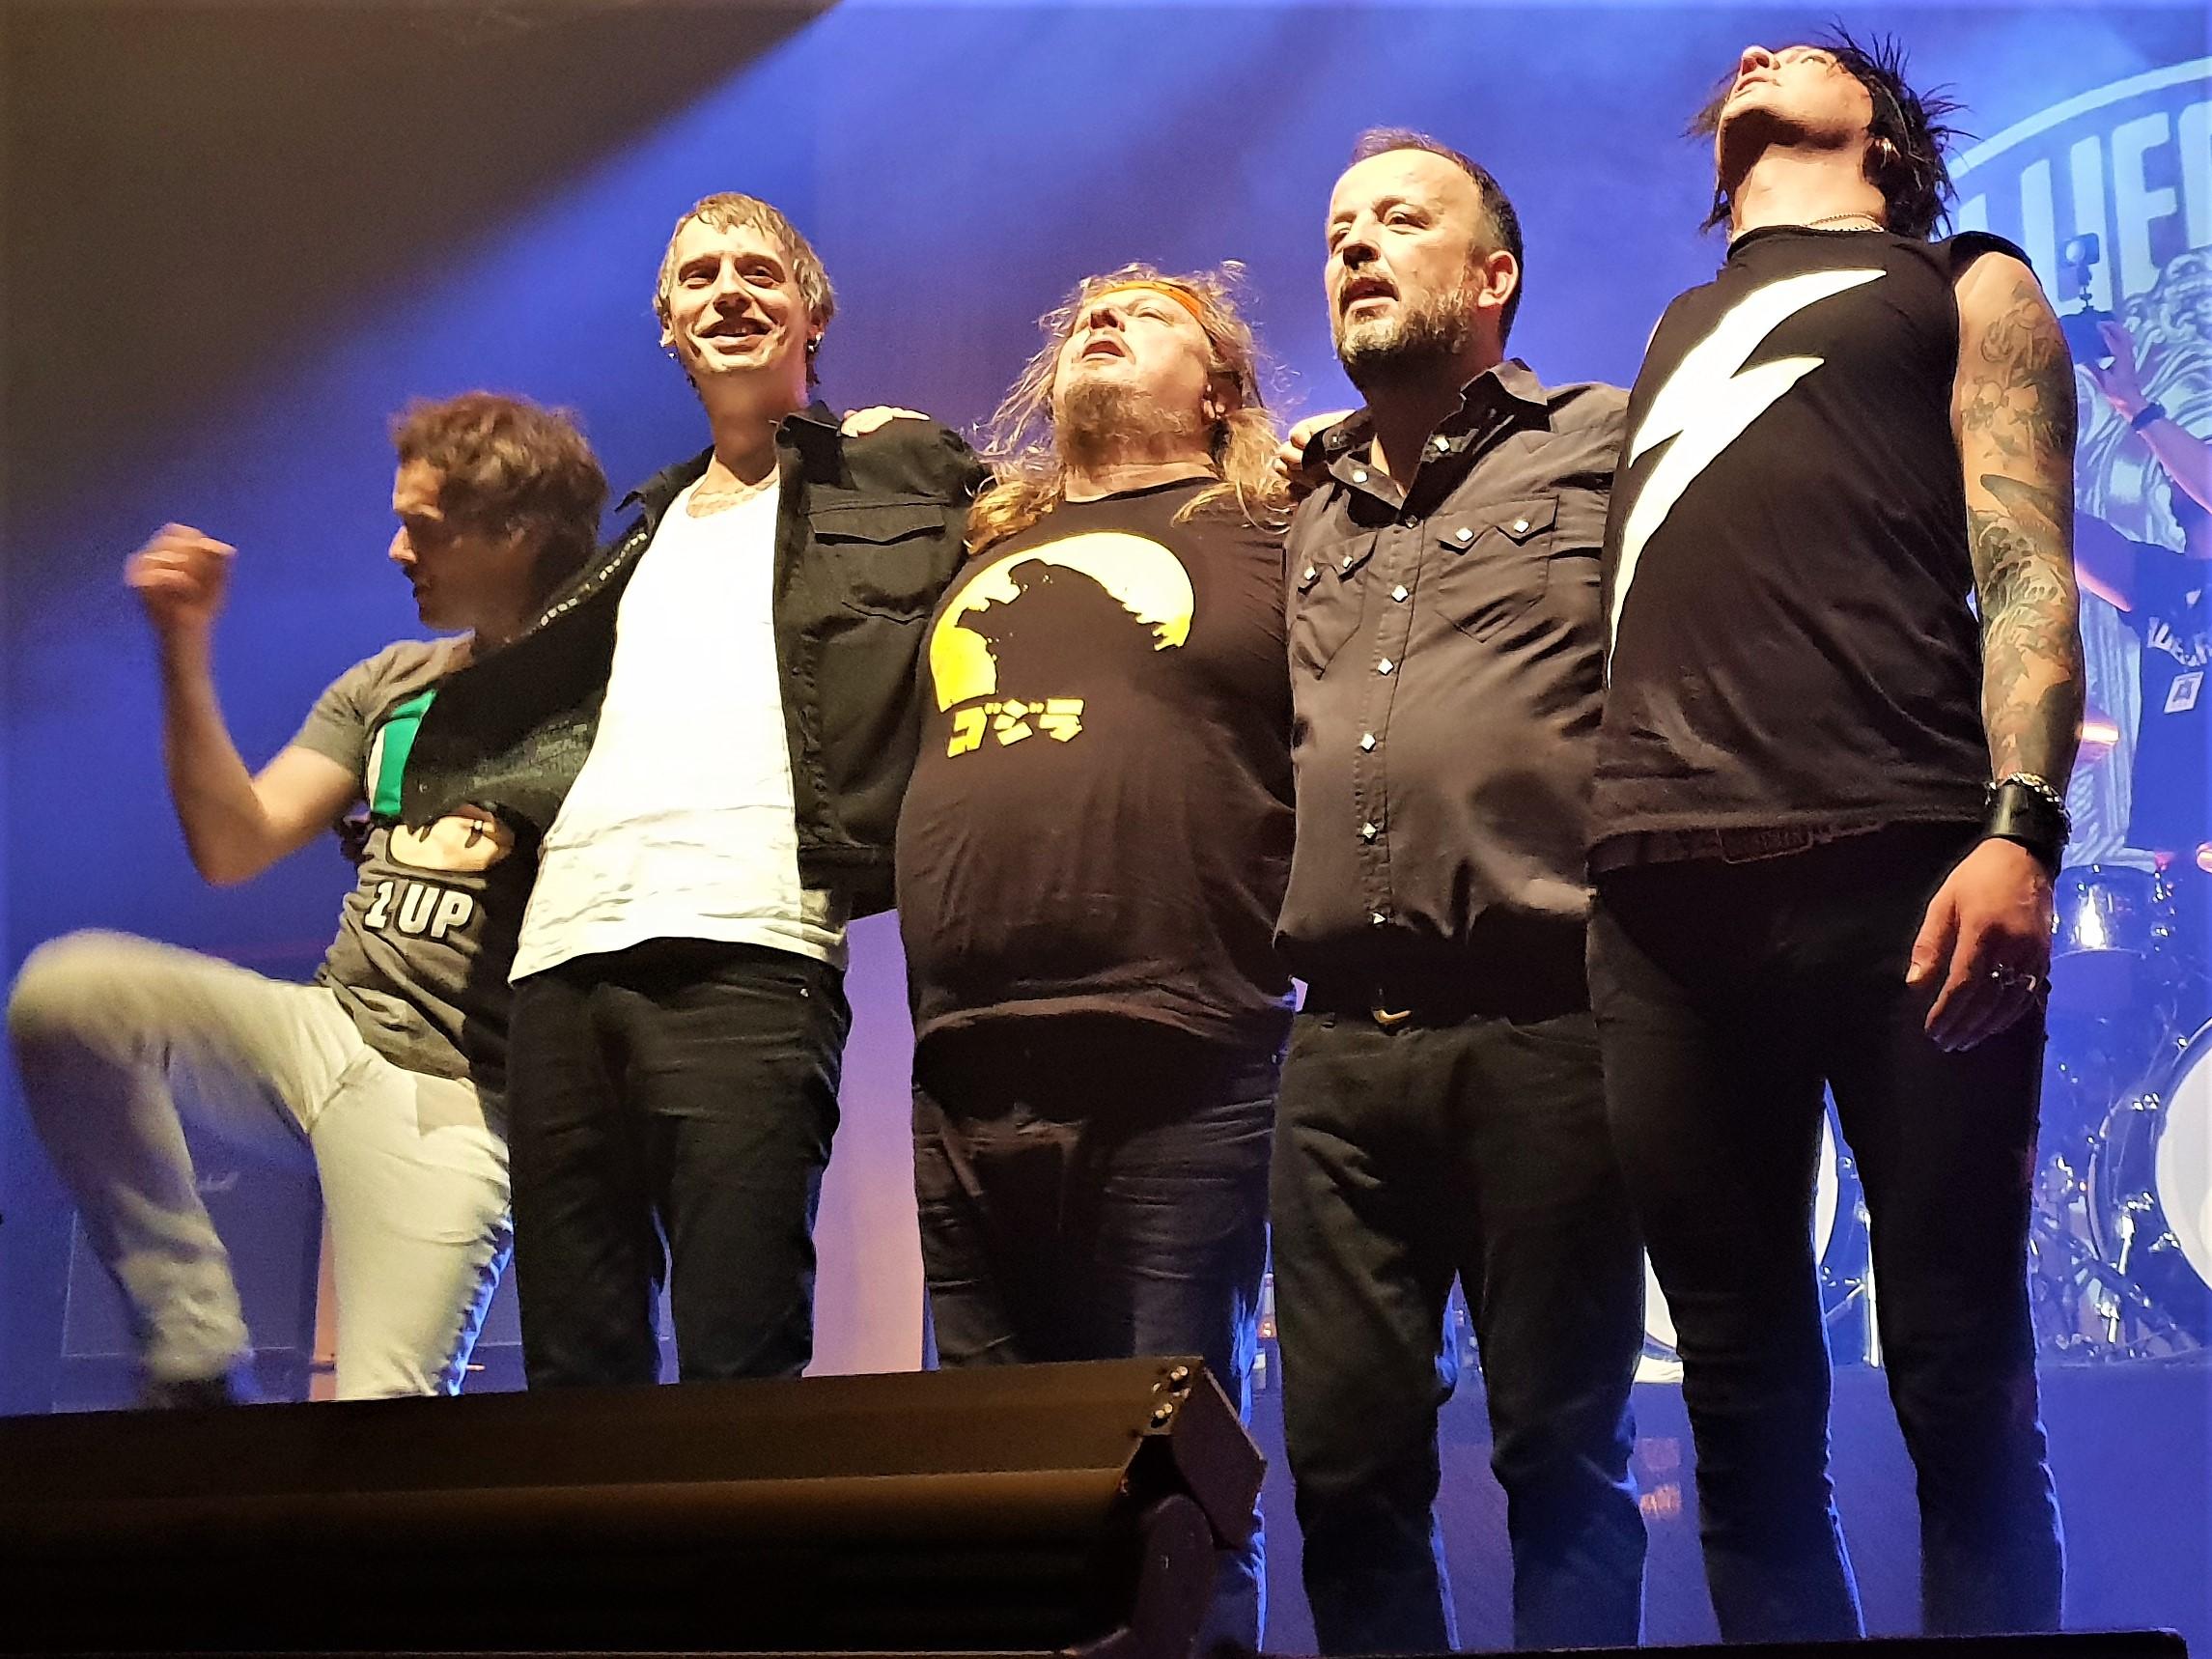 Oslo 26/10/2018